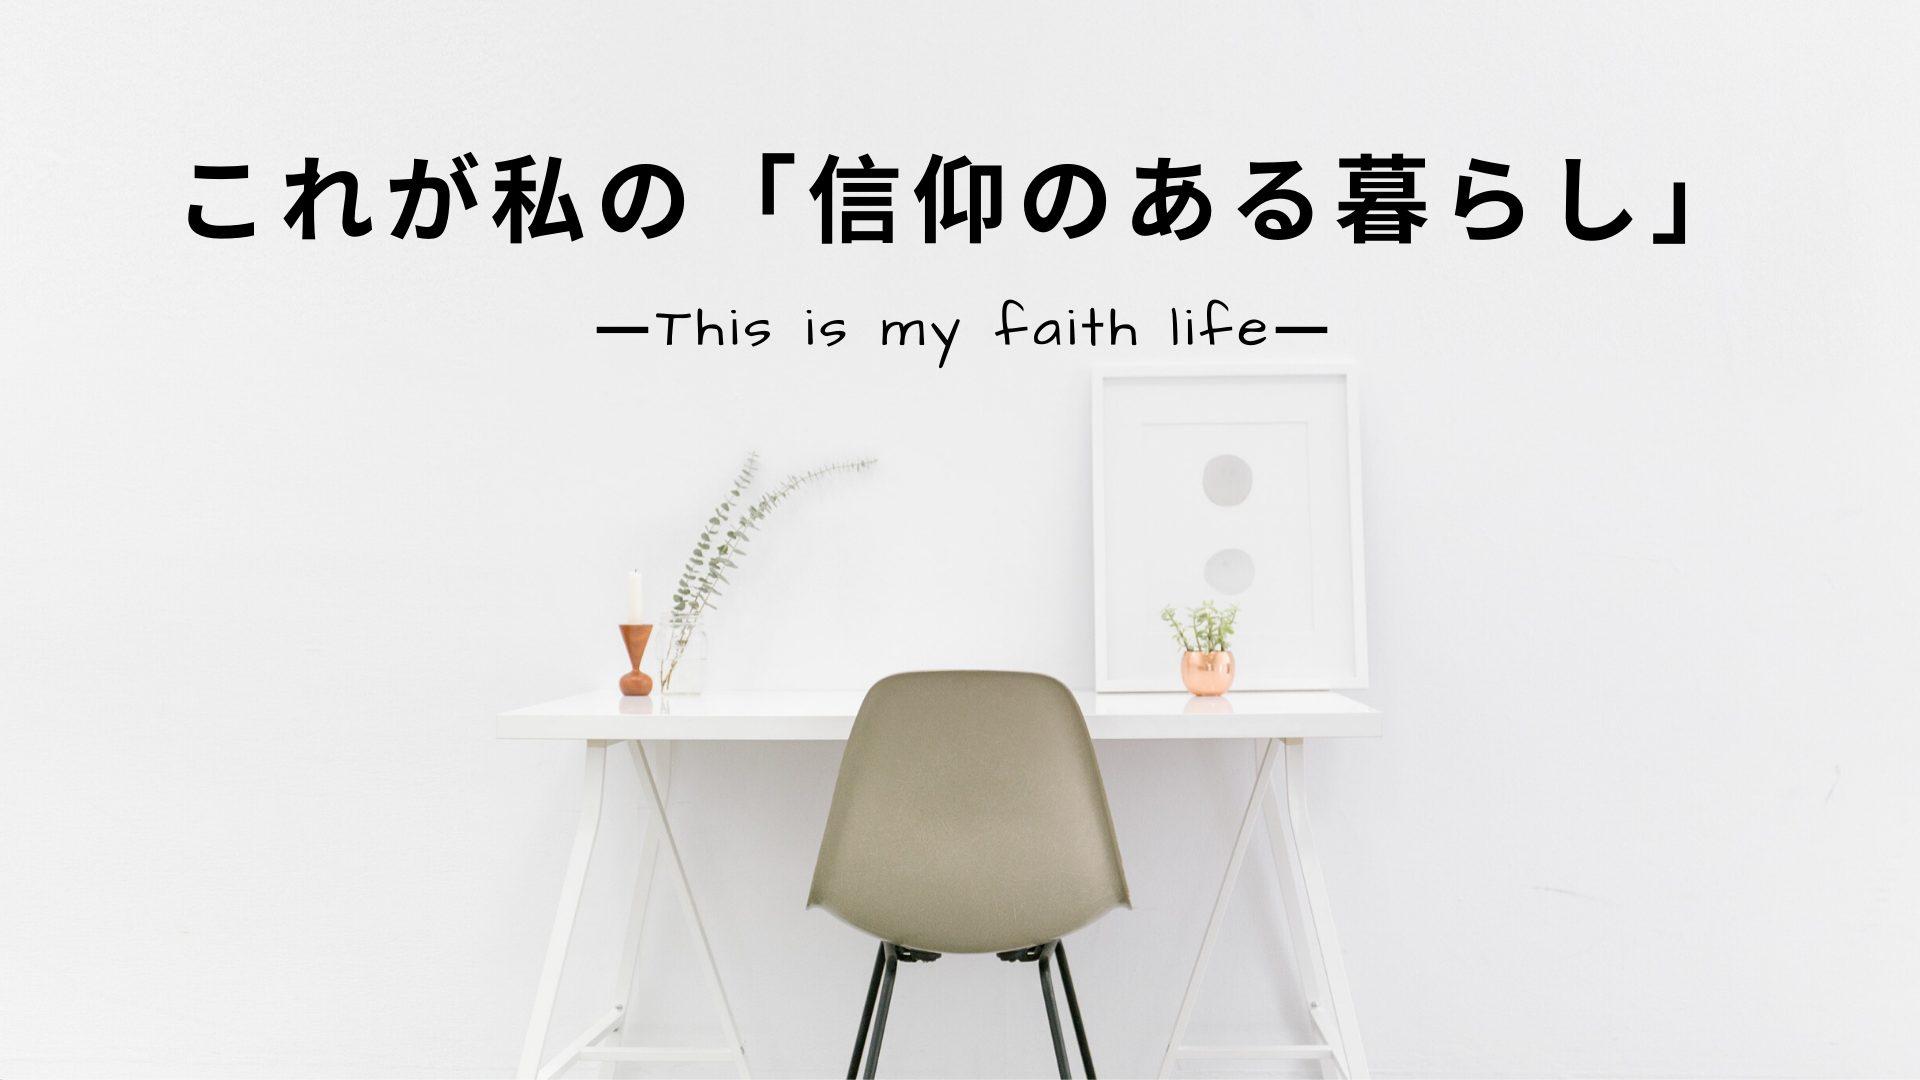 #これが私の信仰のある暮らし